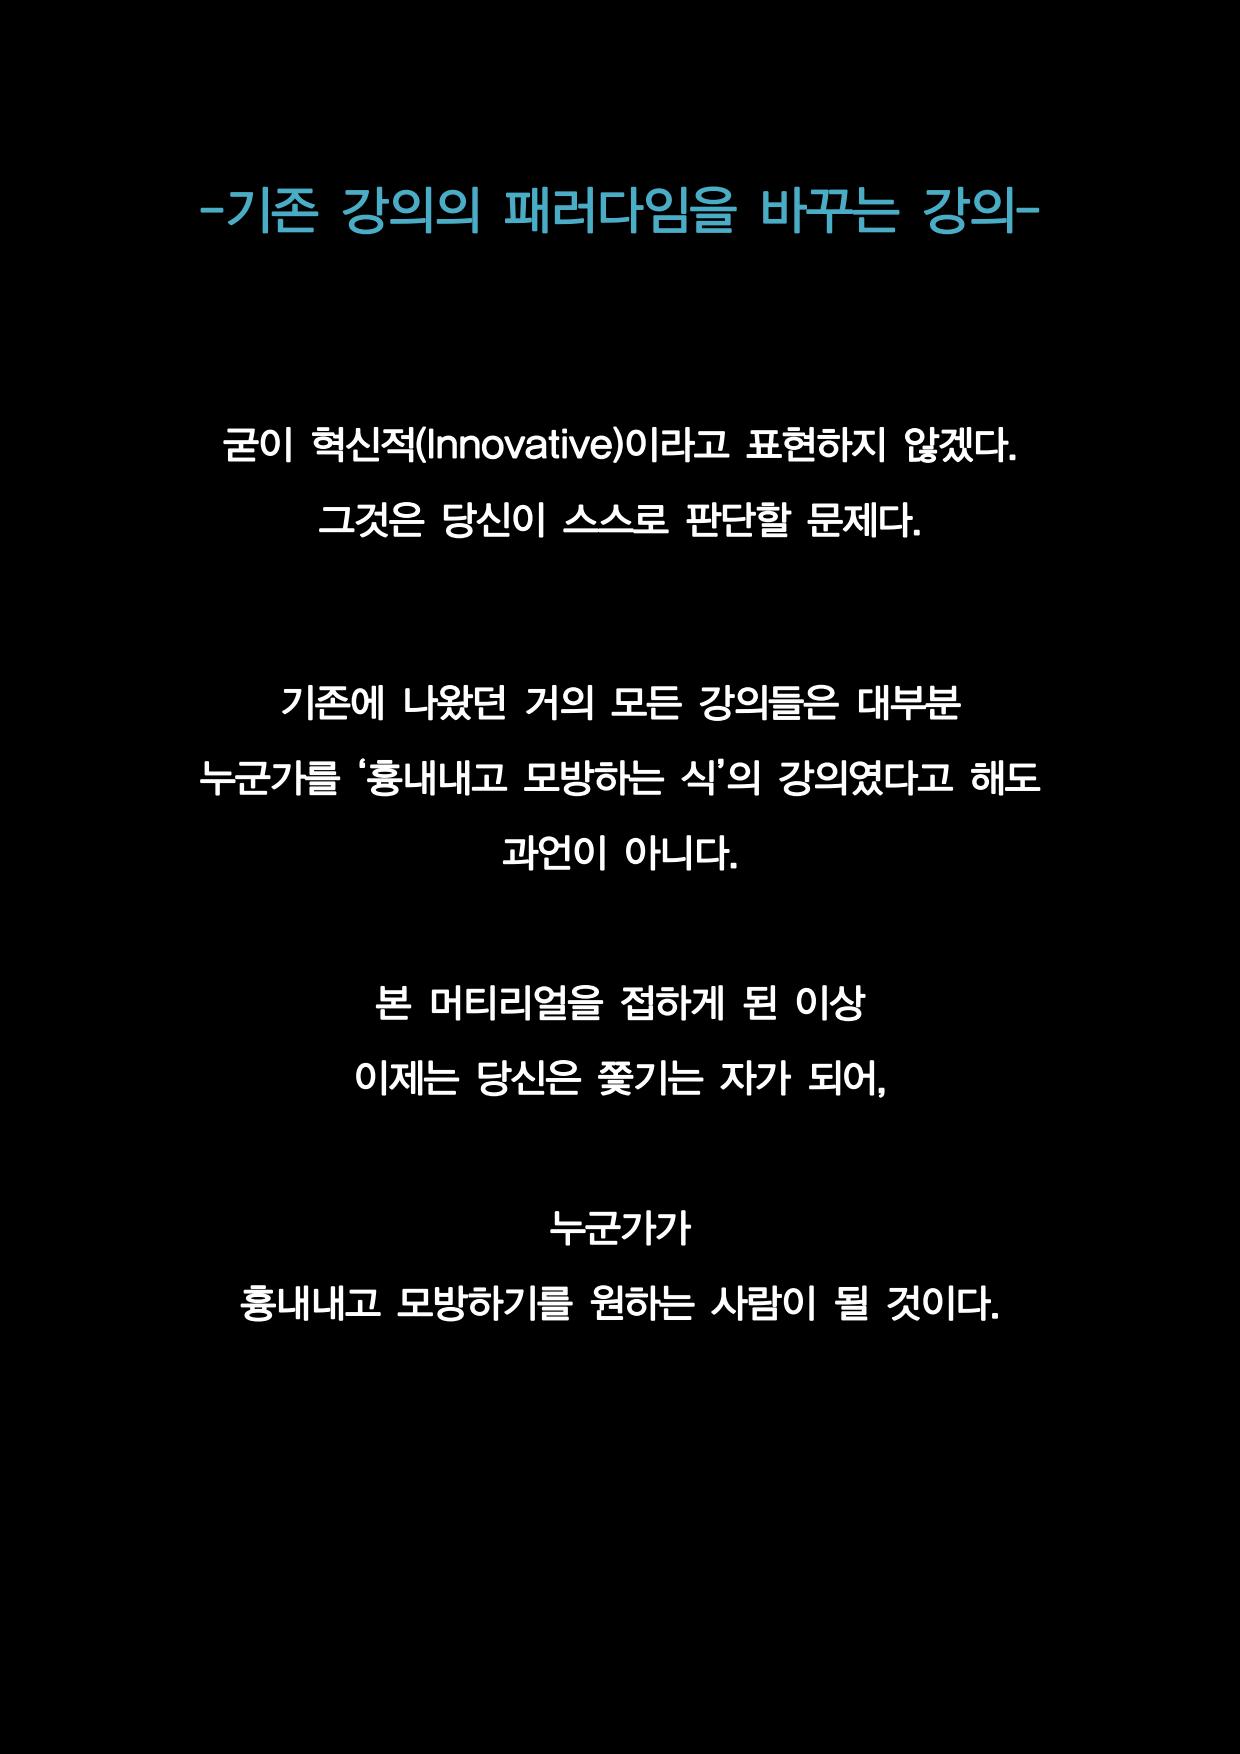 본 머티리어 1회차 홍보글 v3(수강후기 따로 편집요함)_14.png